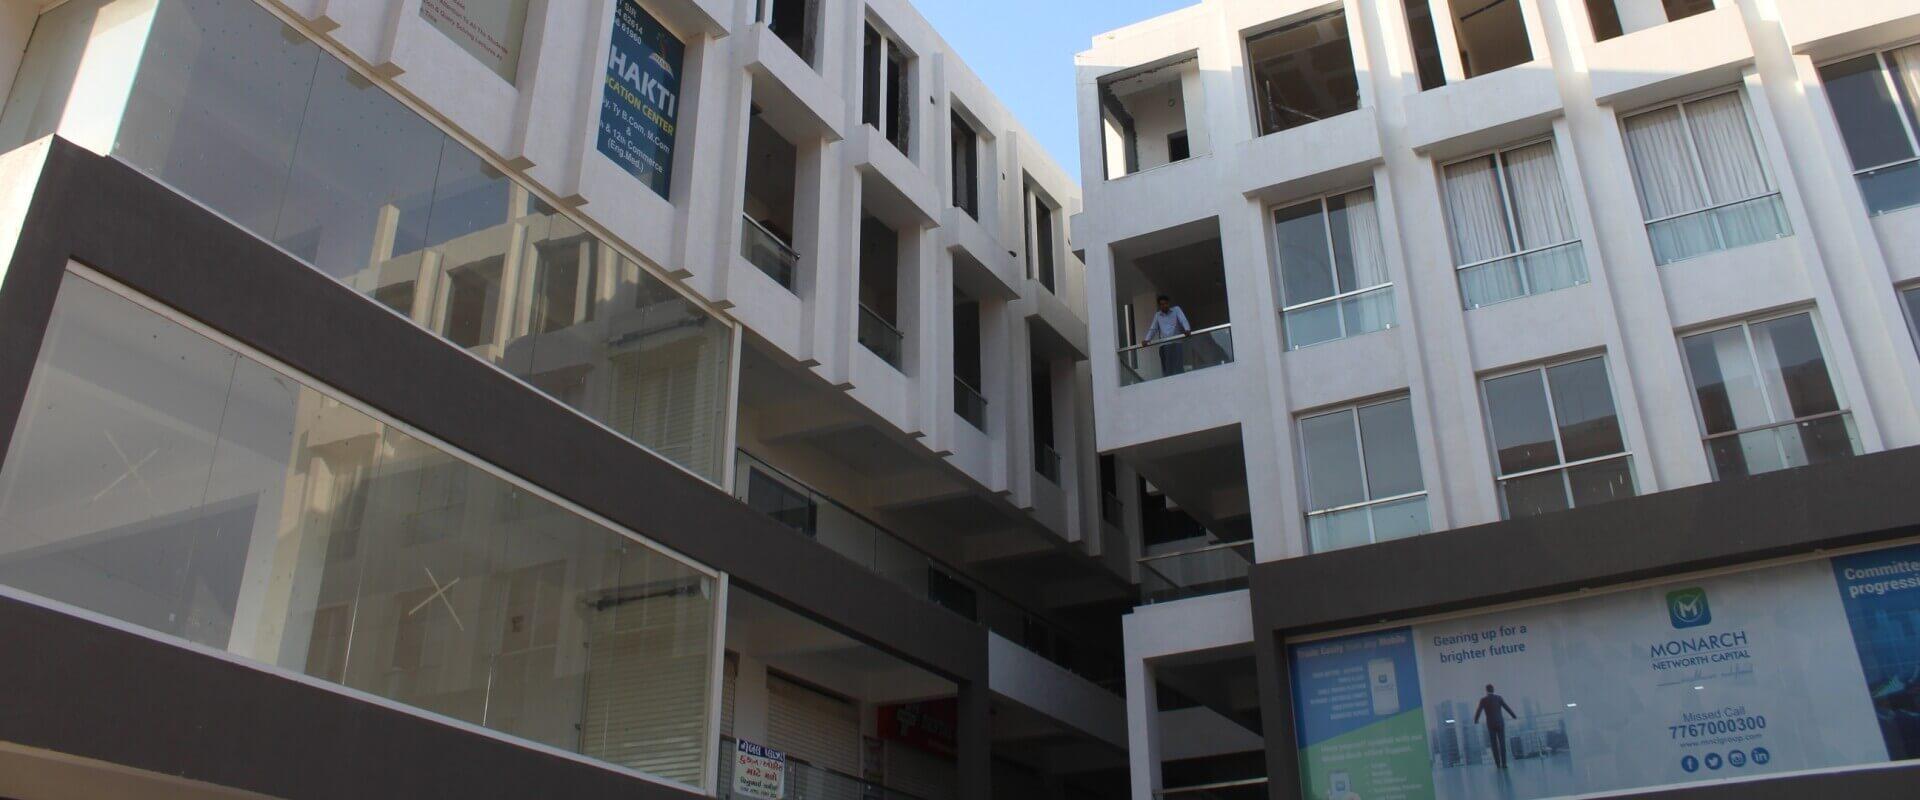 Noble-plaza-slide